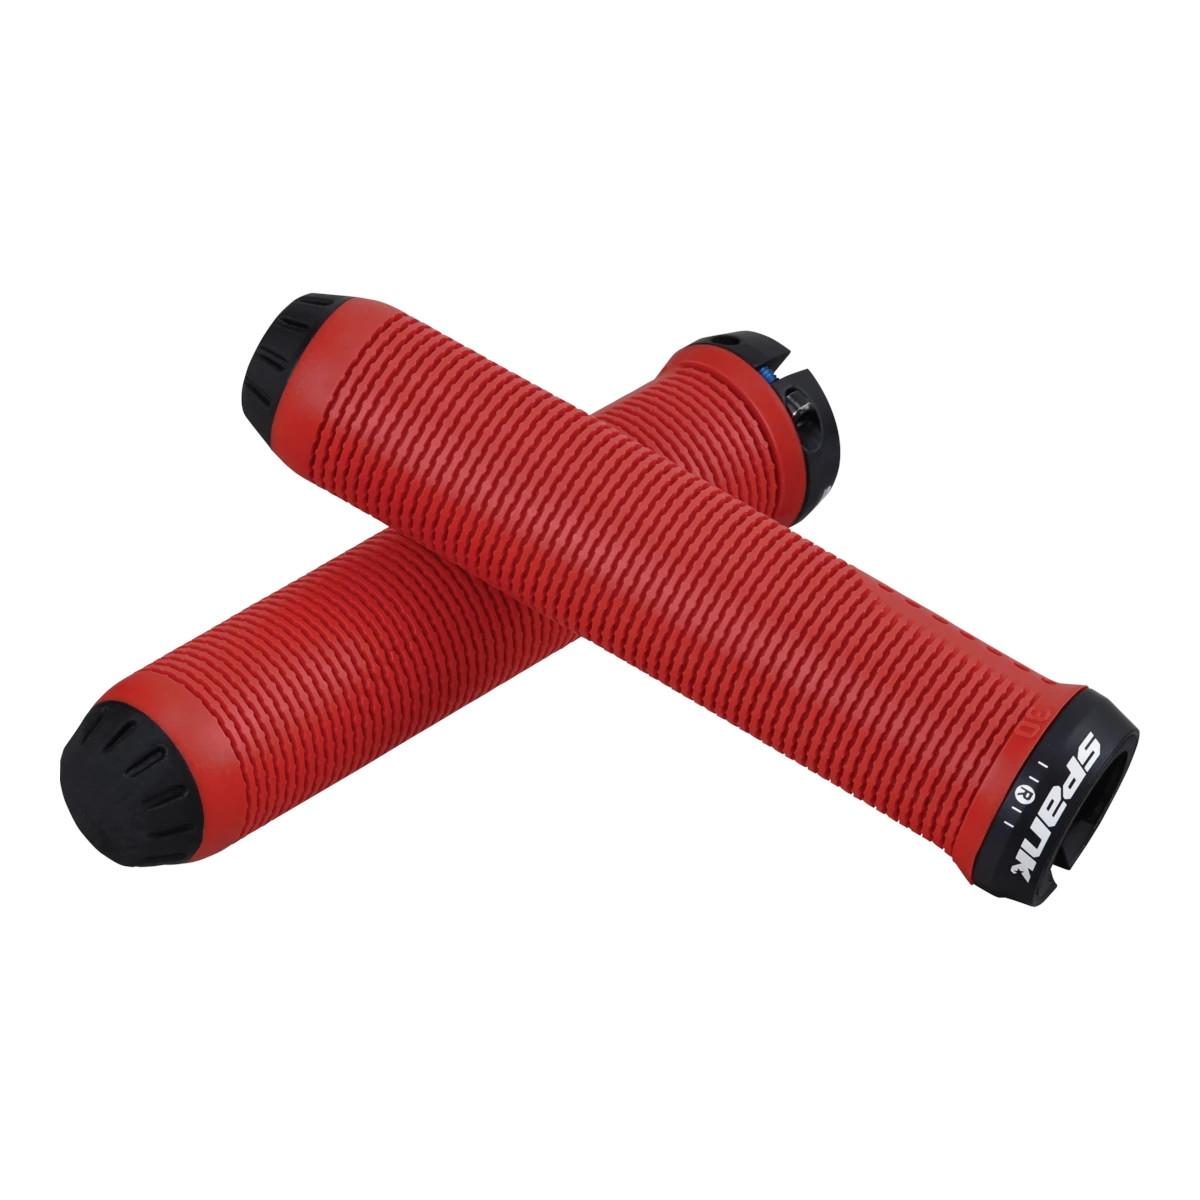 Manopole Spike 30 Lock-on 30mm x 145mm Rosso